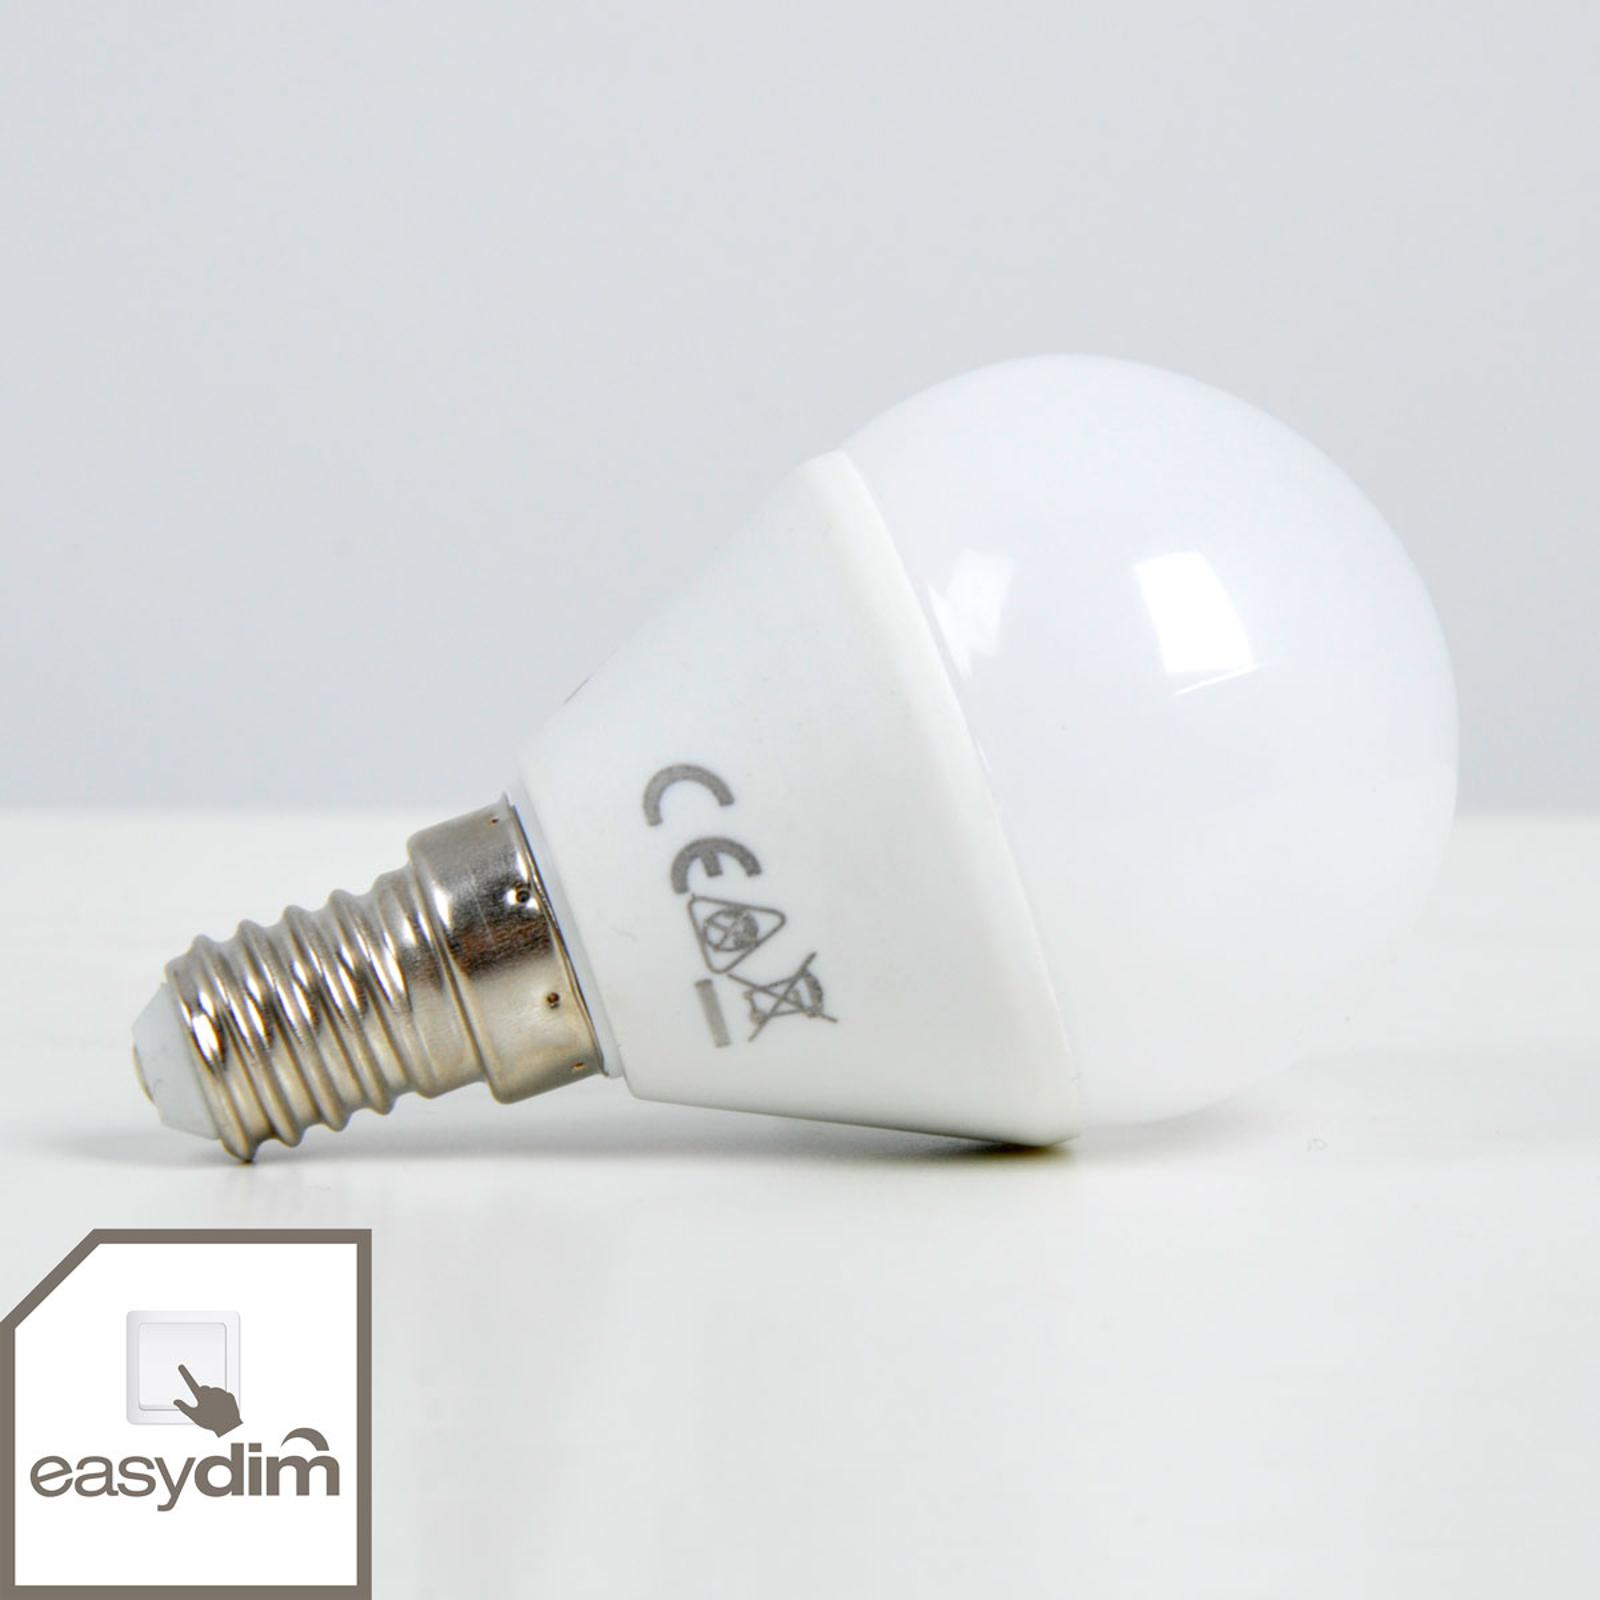 Easydim LED-dråbepære, E14 5W 830